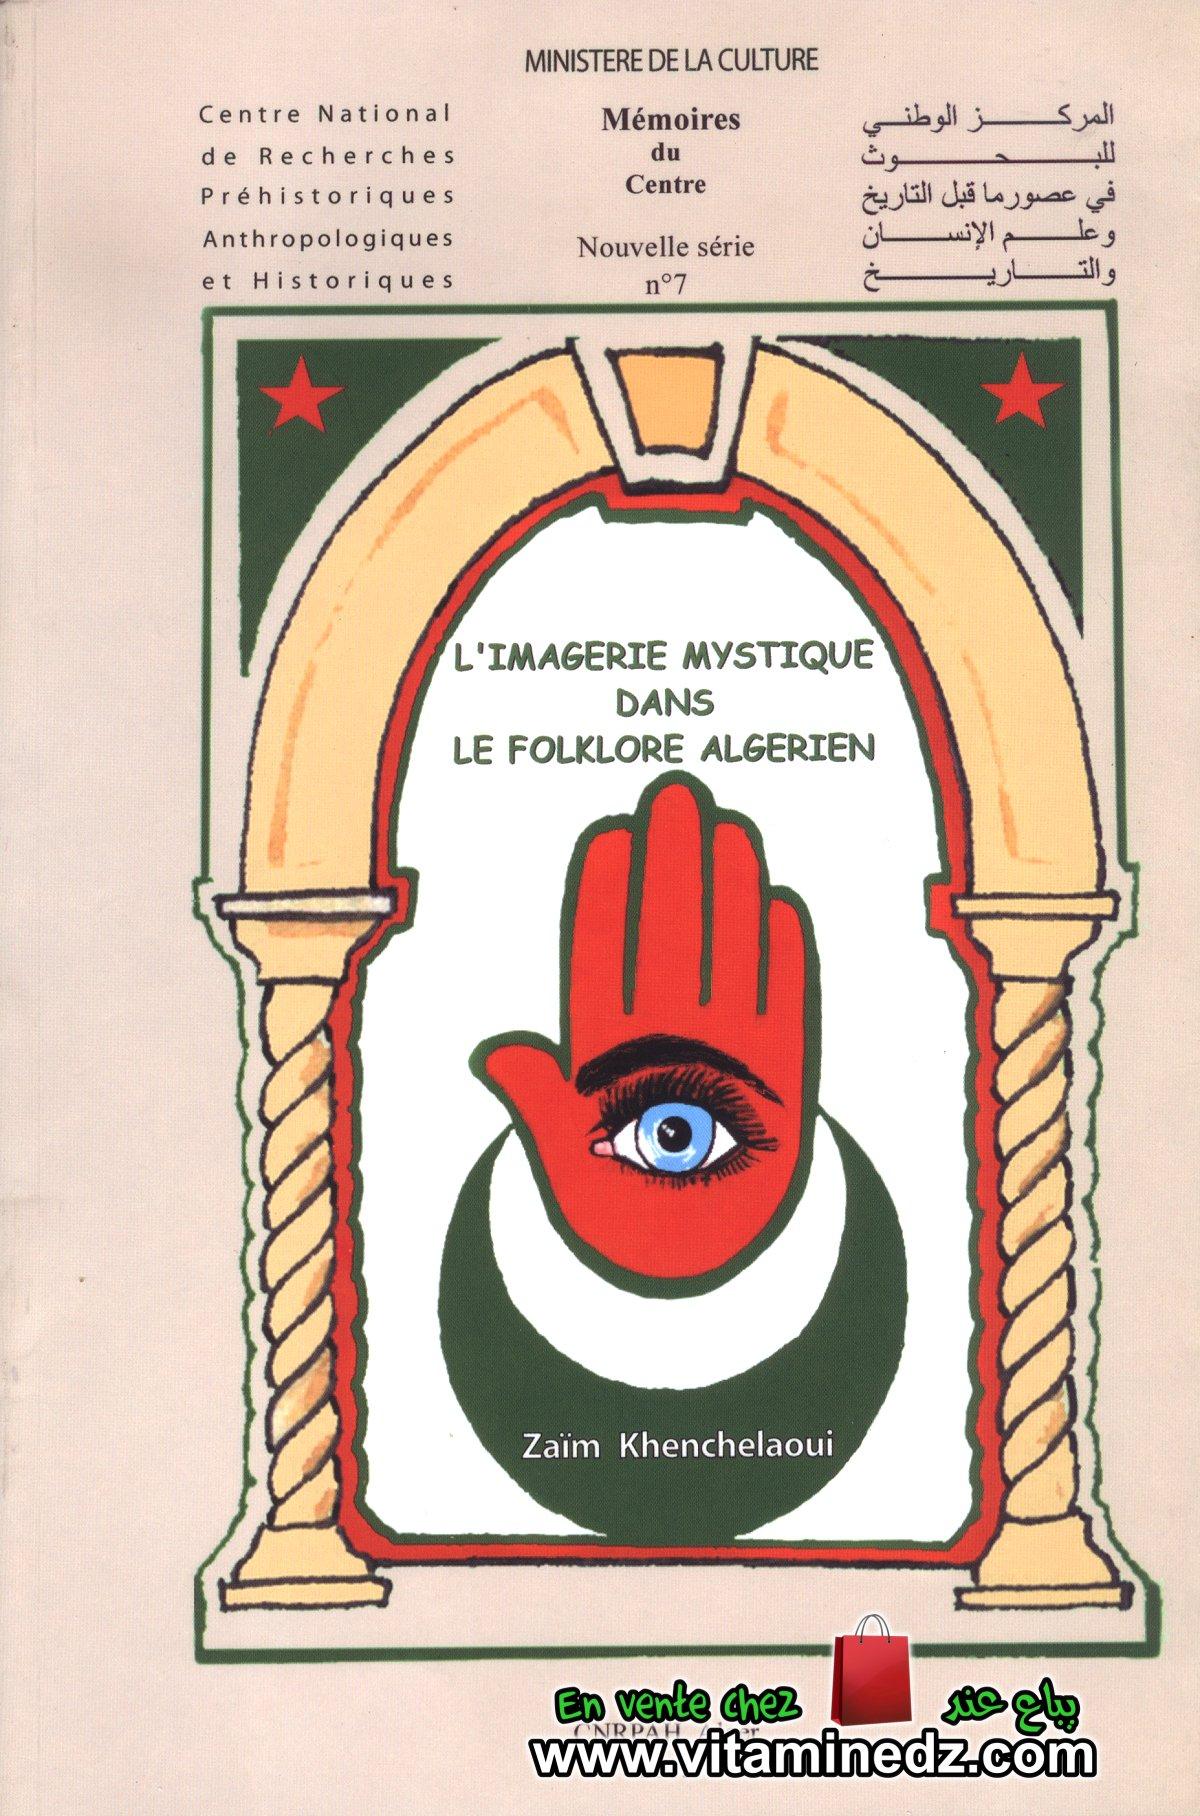 Zaim Khenchelaoui - L'imagerie mystique dans le folklore algérien (2005)